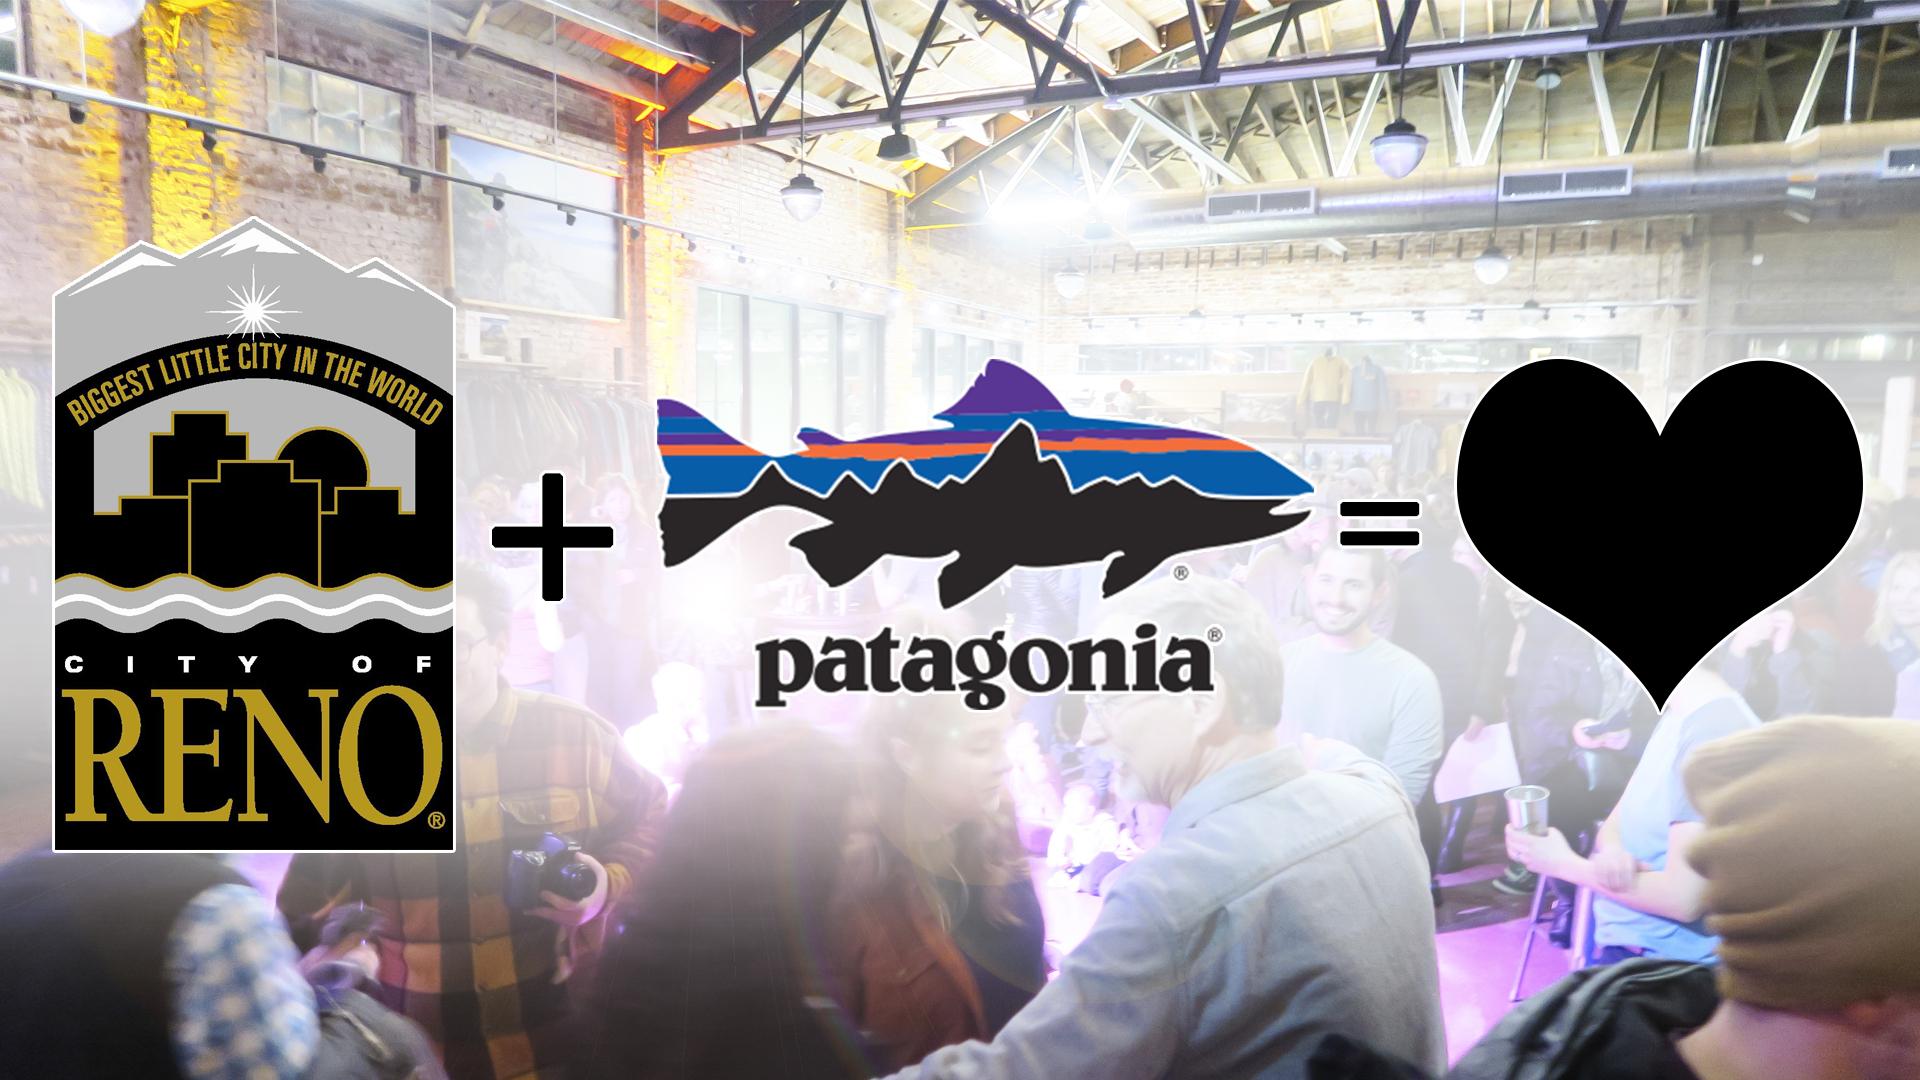 Reno Patagonia